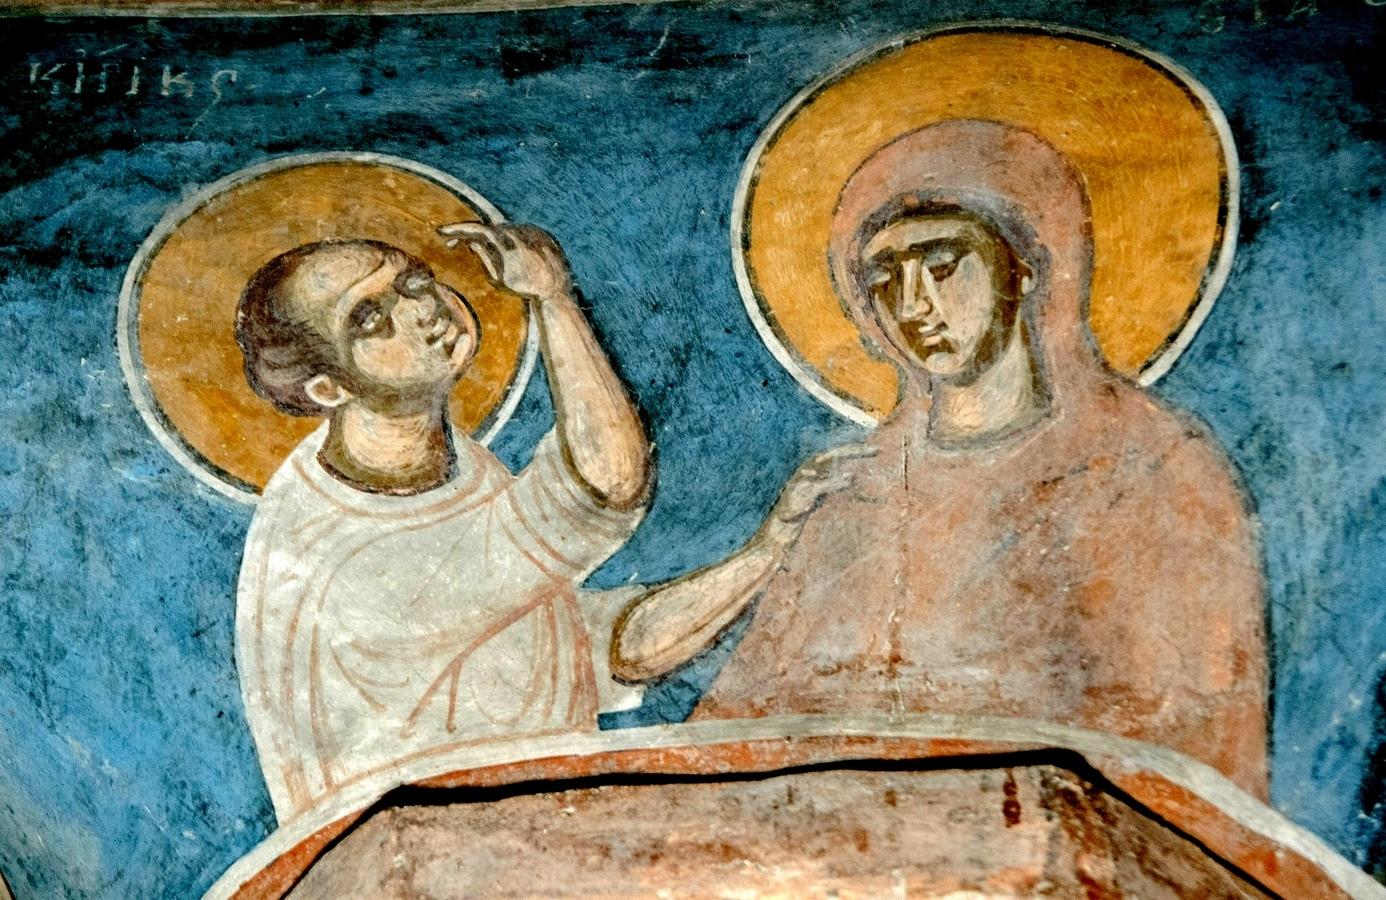 Святые Мученики Кирик и Иулитта. Фреска церкви Святого Димитрия Маркова монастыря близ Скопье, Македония. Около 1376 года.